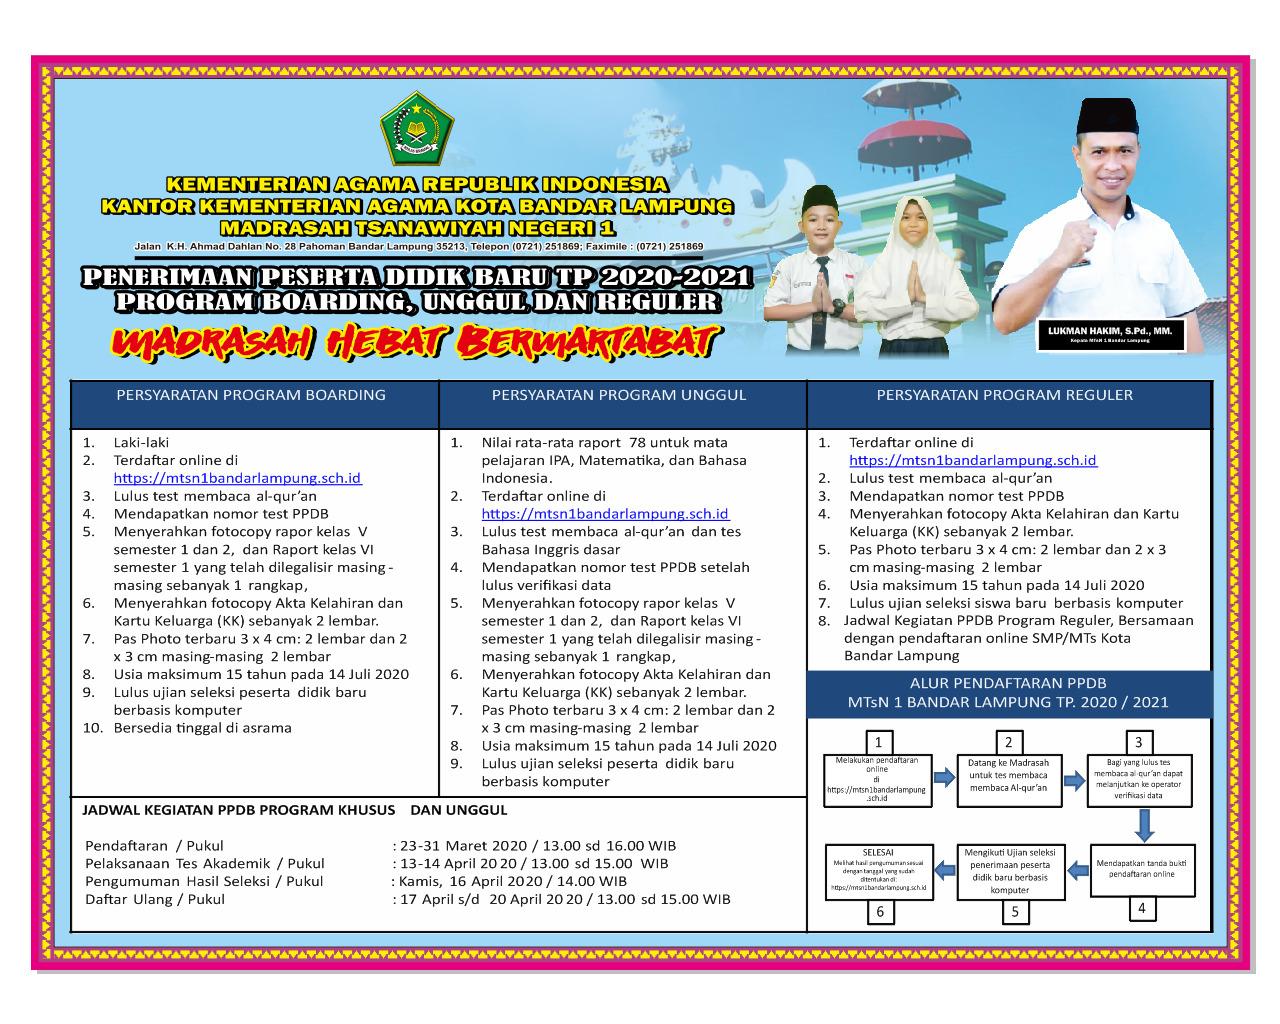 Penerimaan Peserta Didik Baru Kelas Unggul di MTsN 1 Bandar Lampung TP 2020/2021